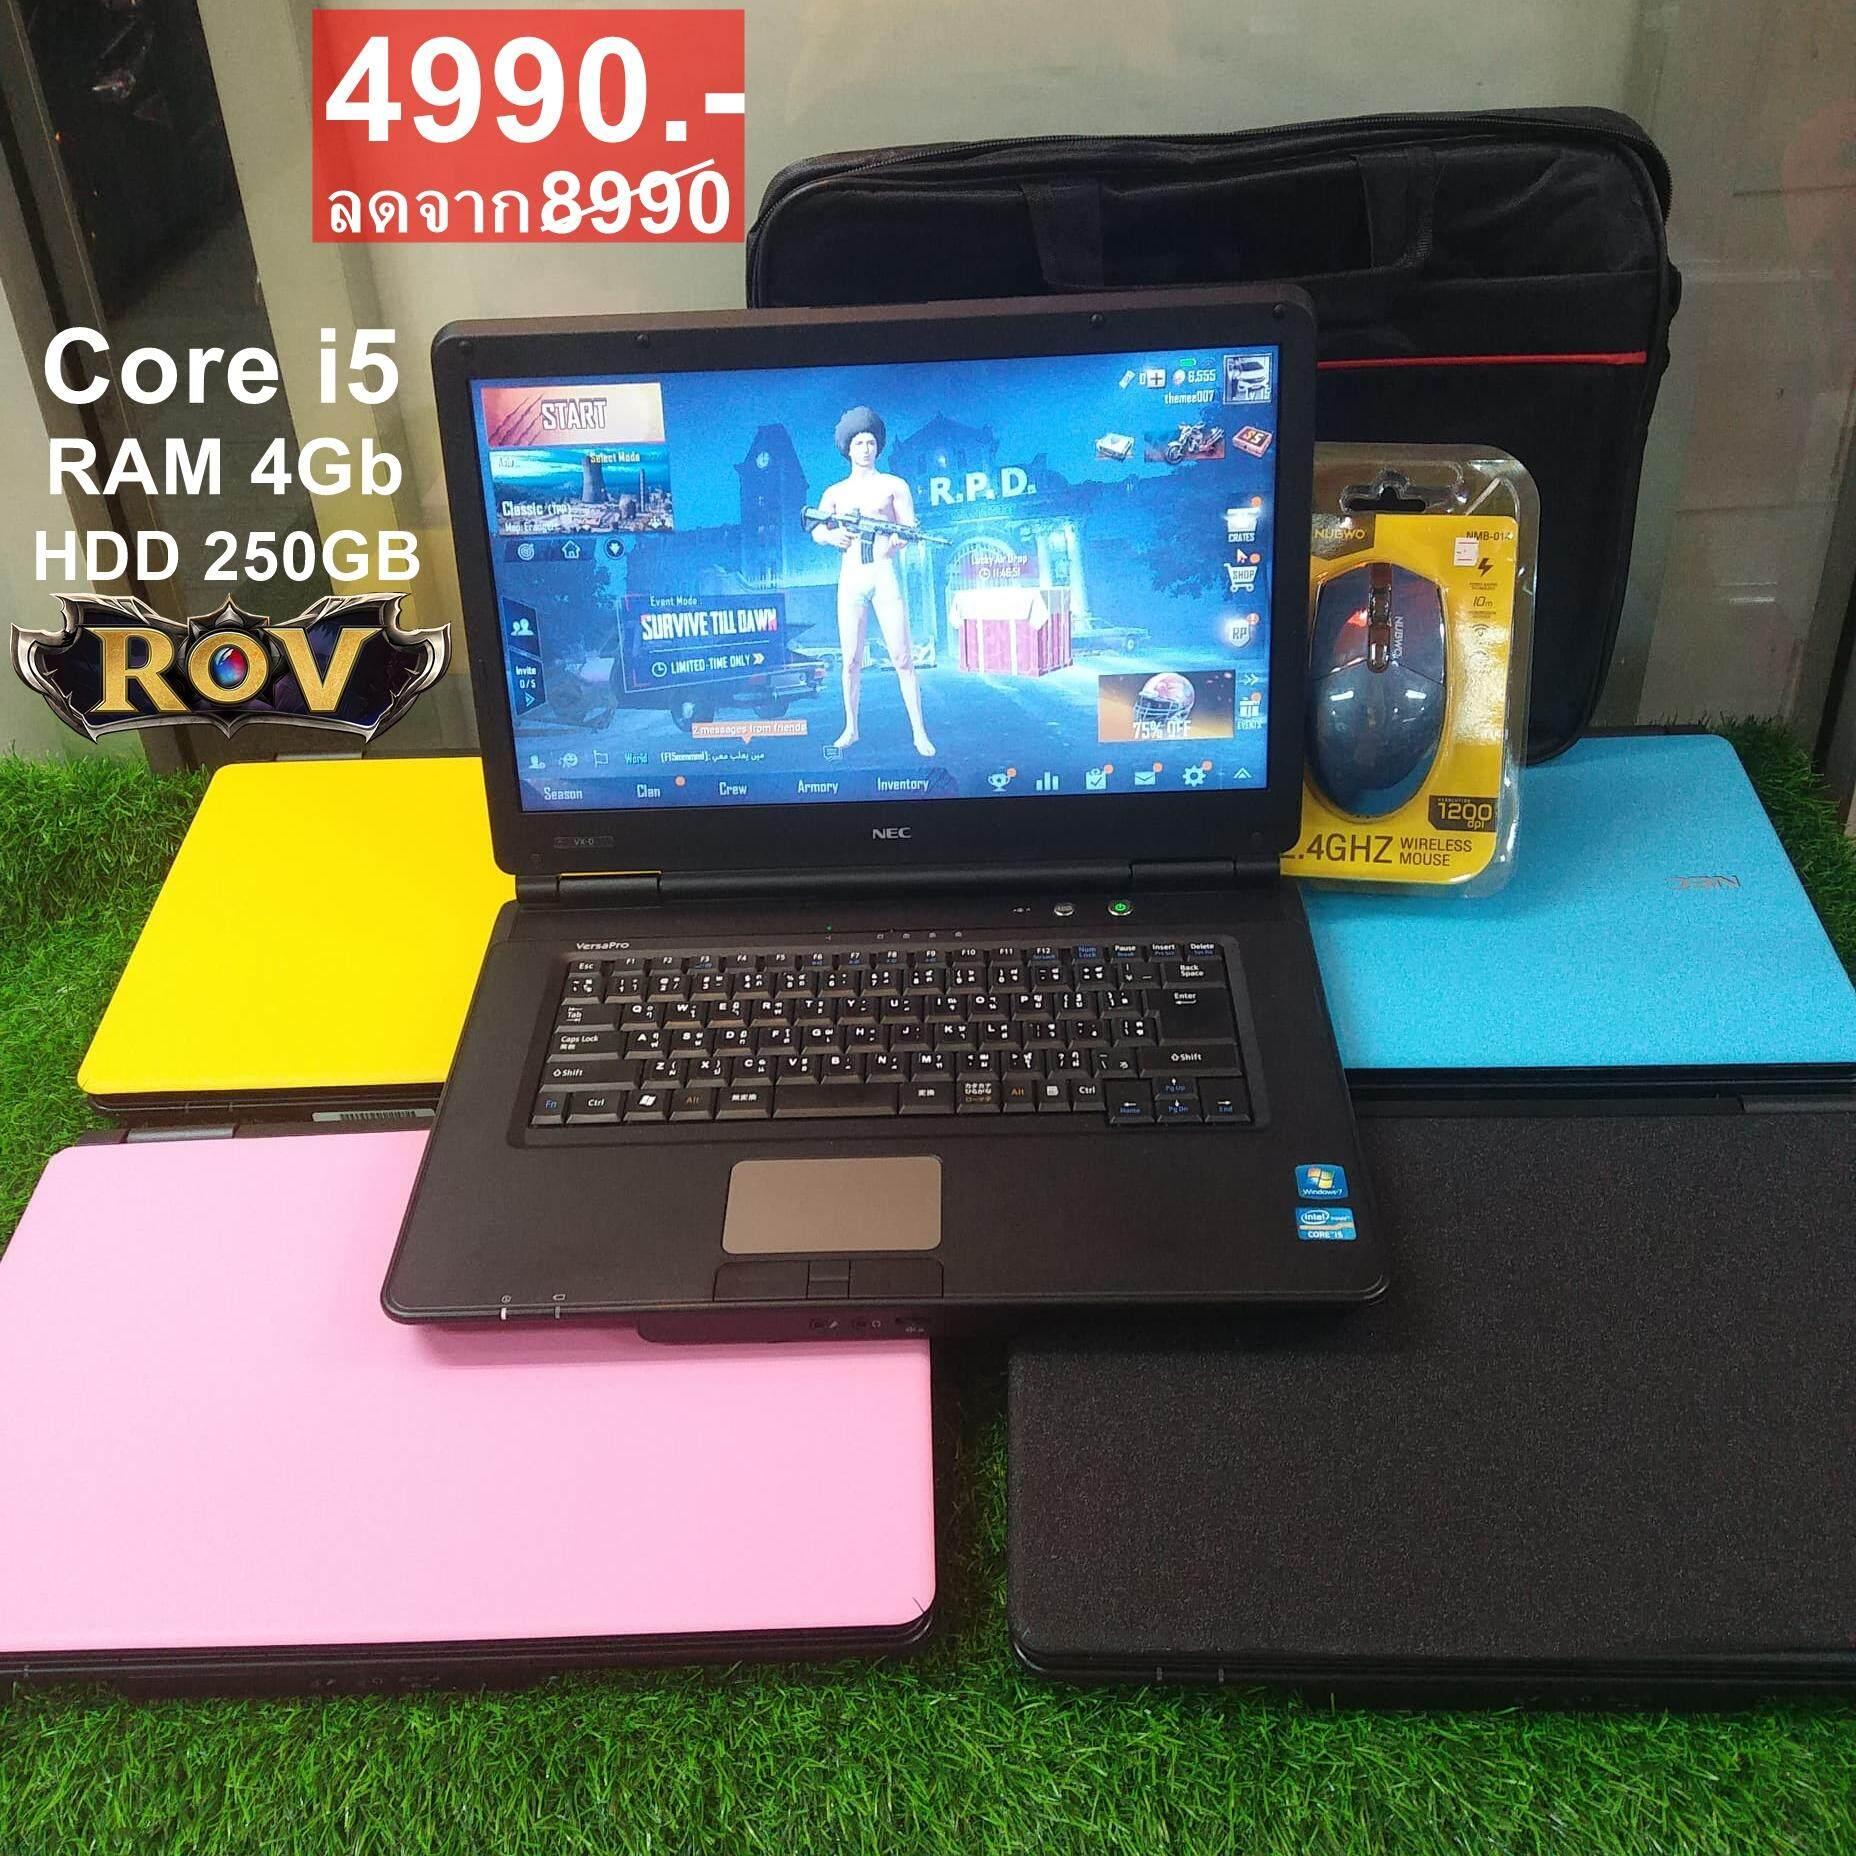 Notebook Nec Core I5มีกล้อง เร็วแรง ฟรีเม้า (ส่งฟรี) By King-It.